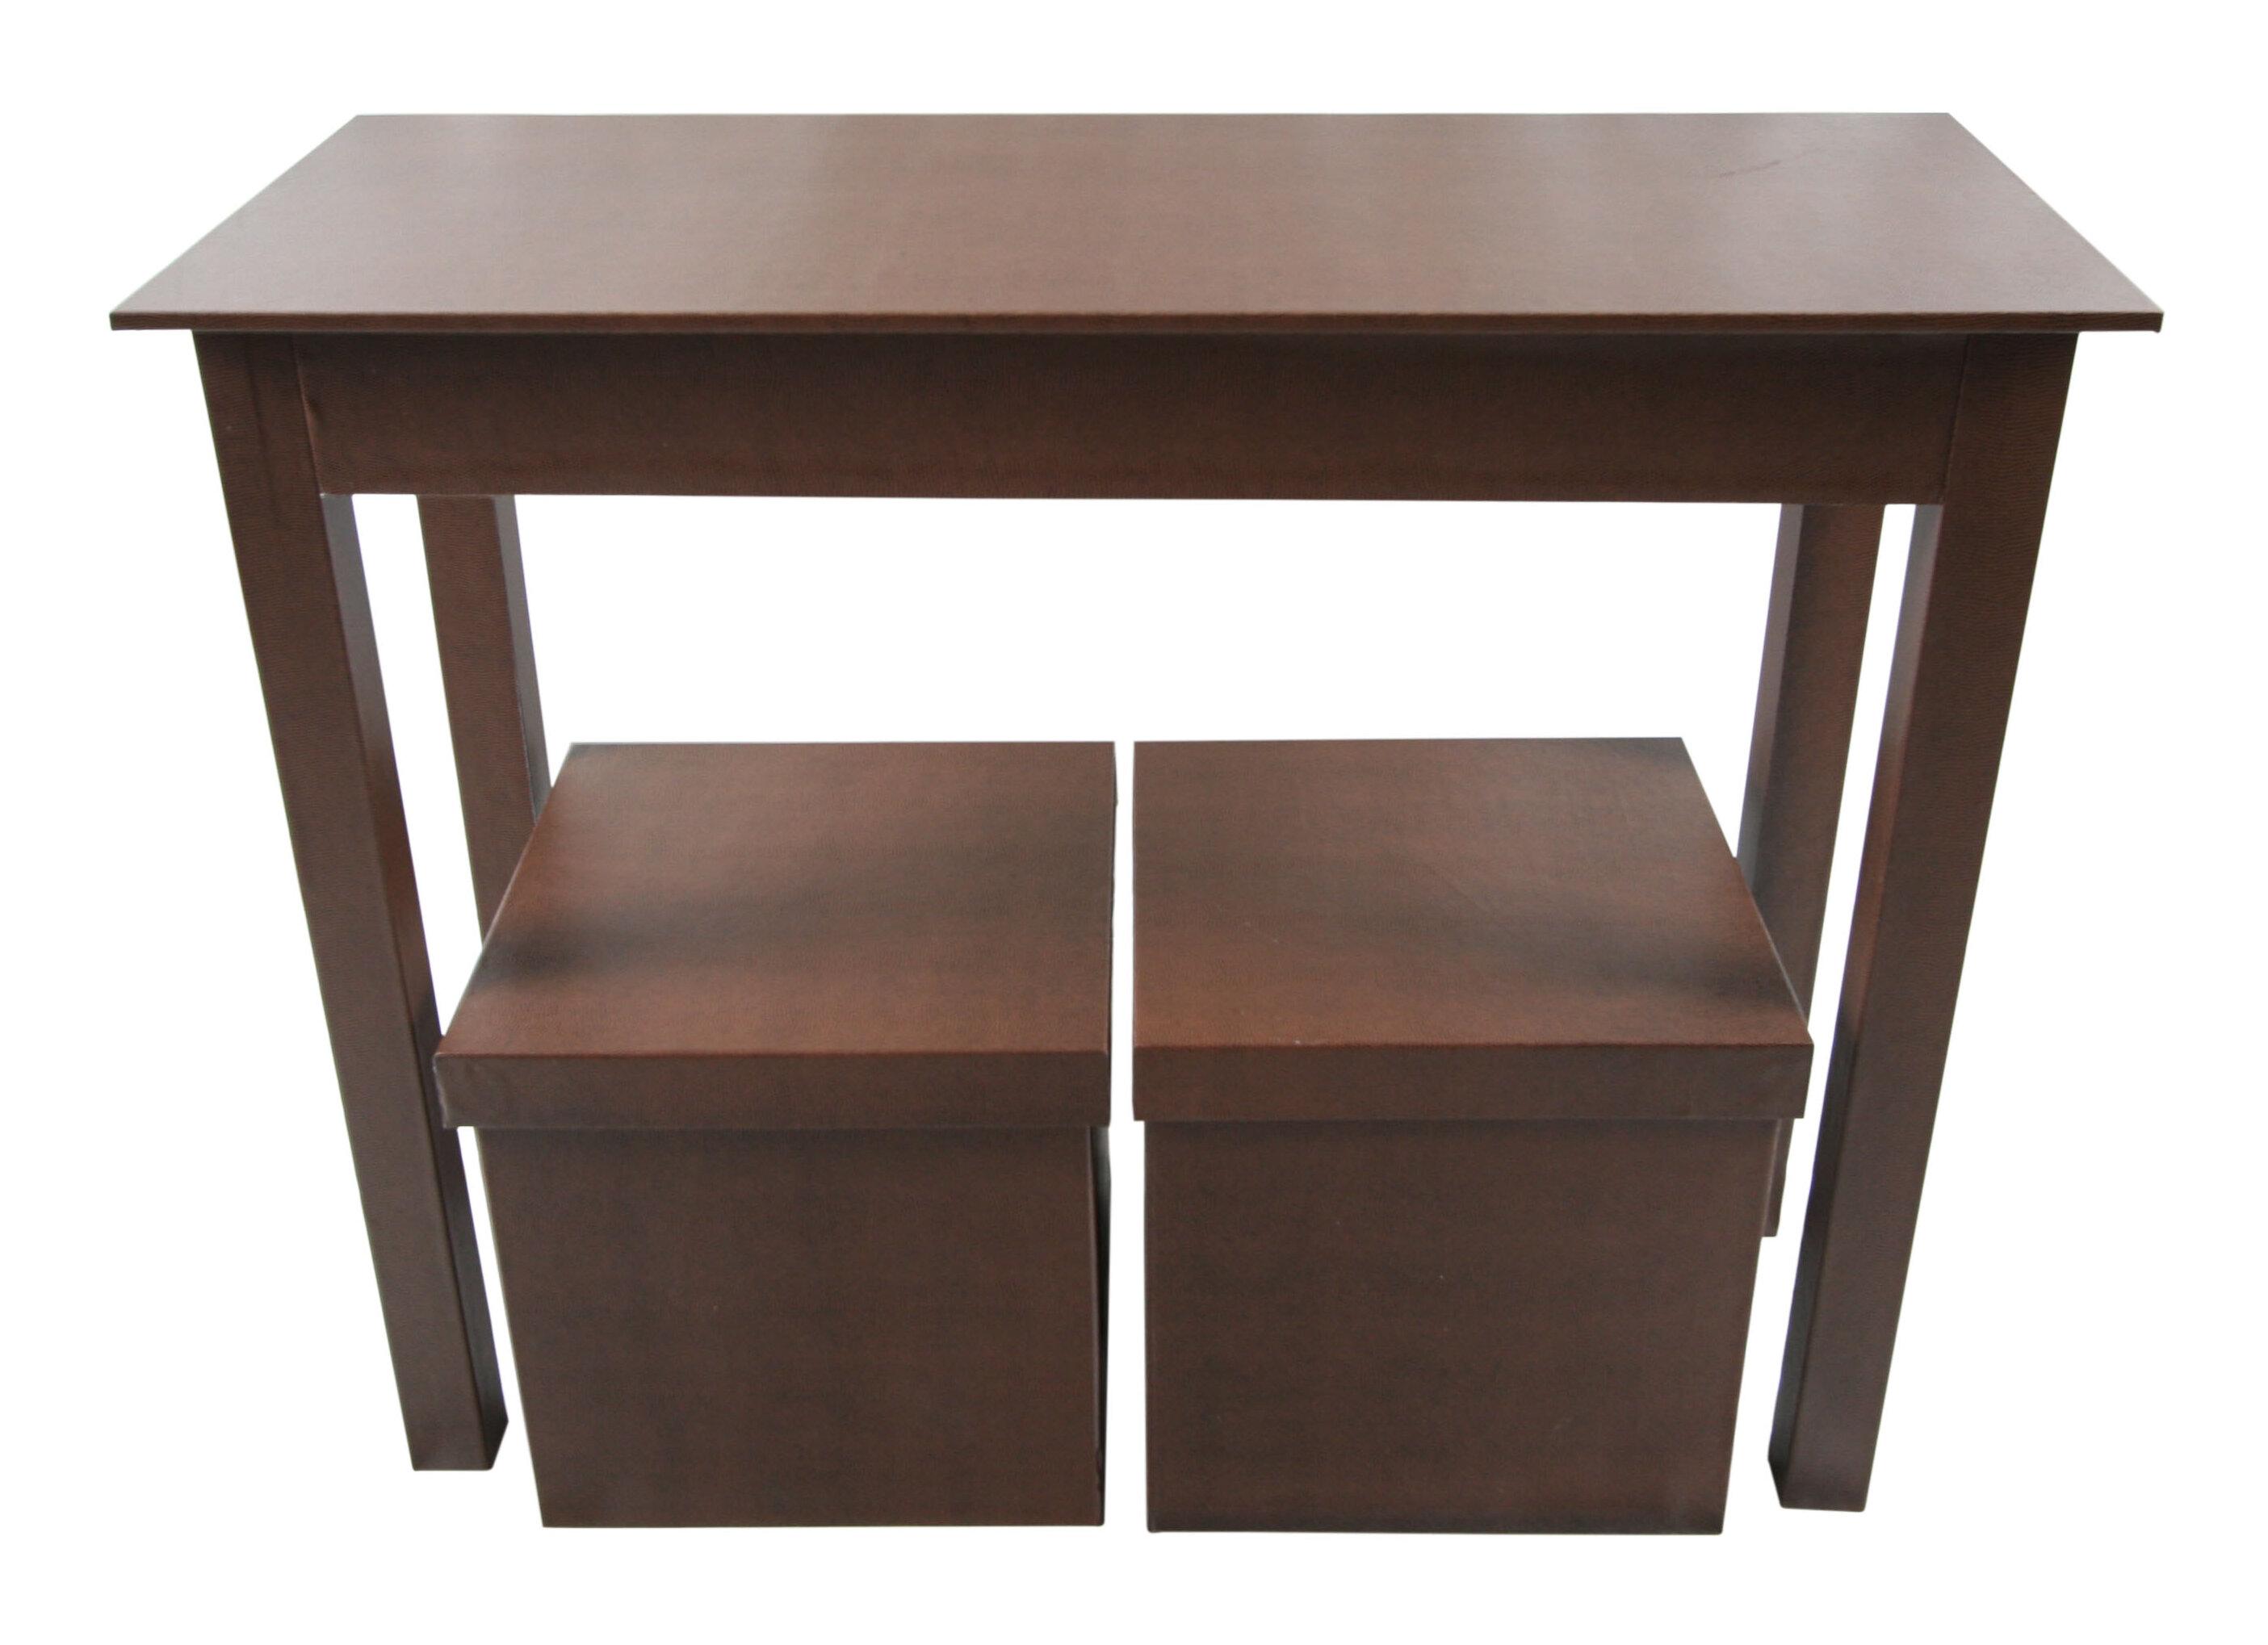 sc 1 st  Wayfair & Upscale Designs by EMA 3 Piece Console Table Set | Wayfair